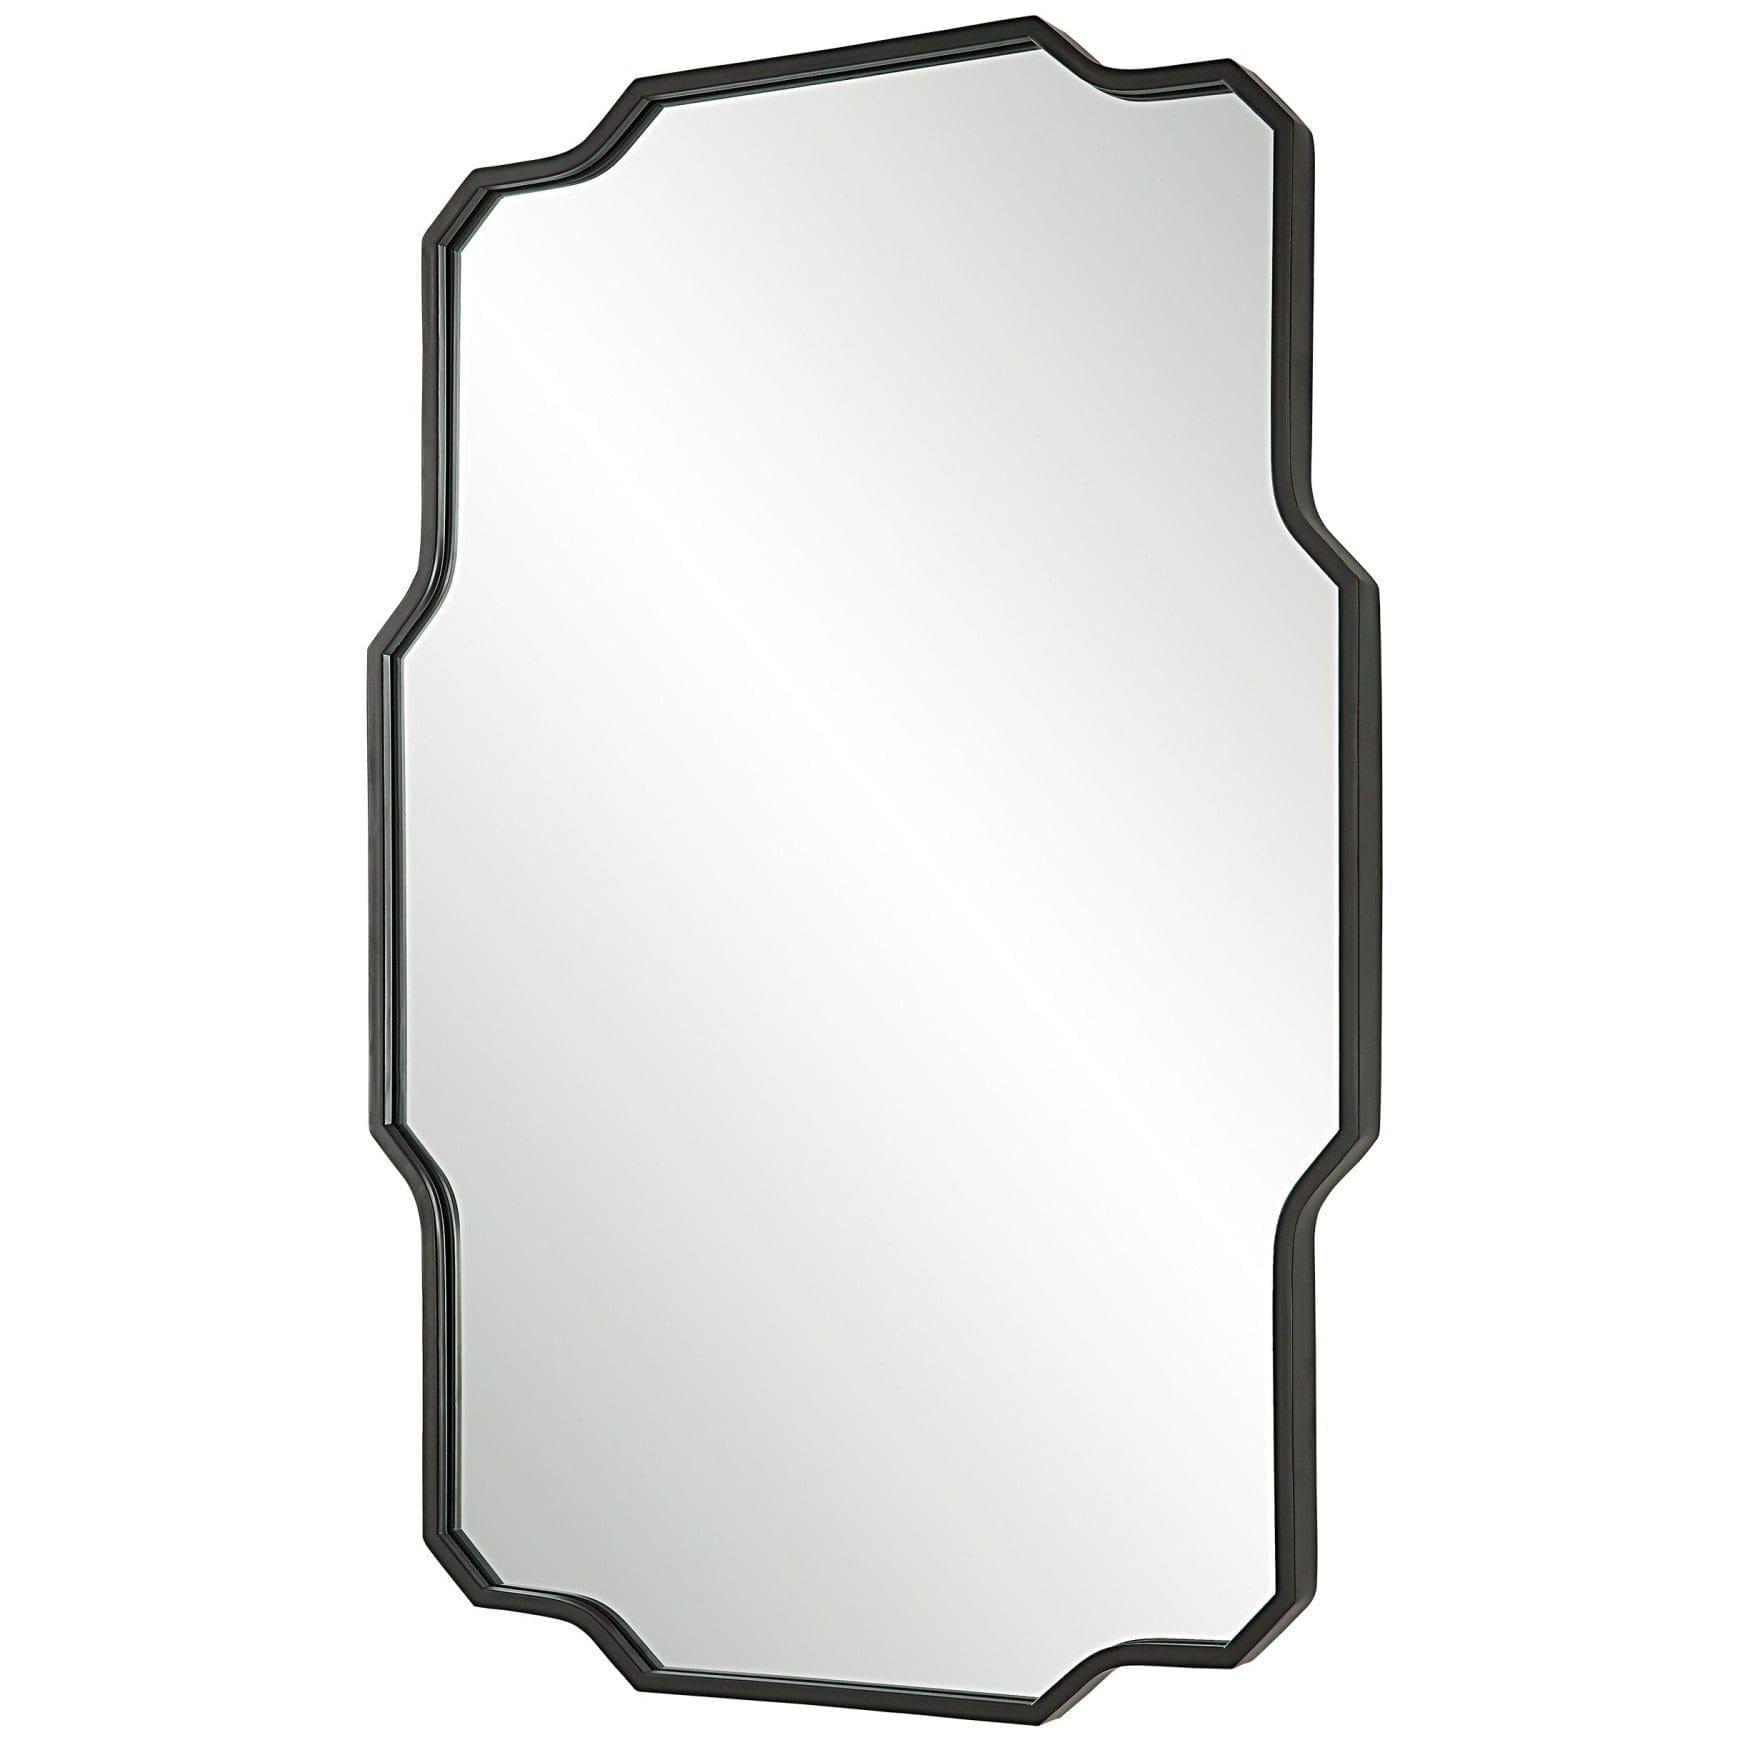 Uttermost Casmus Iron Wall Mirror